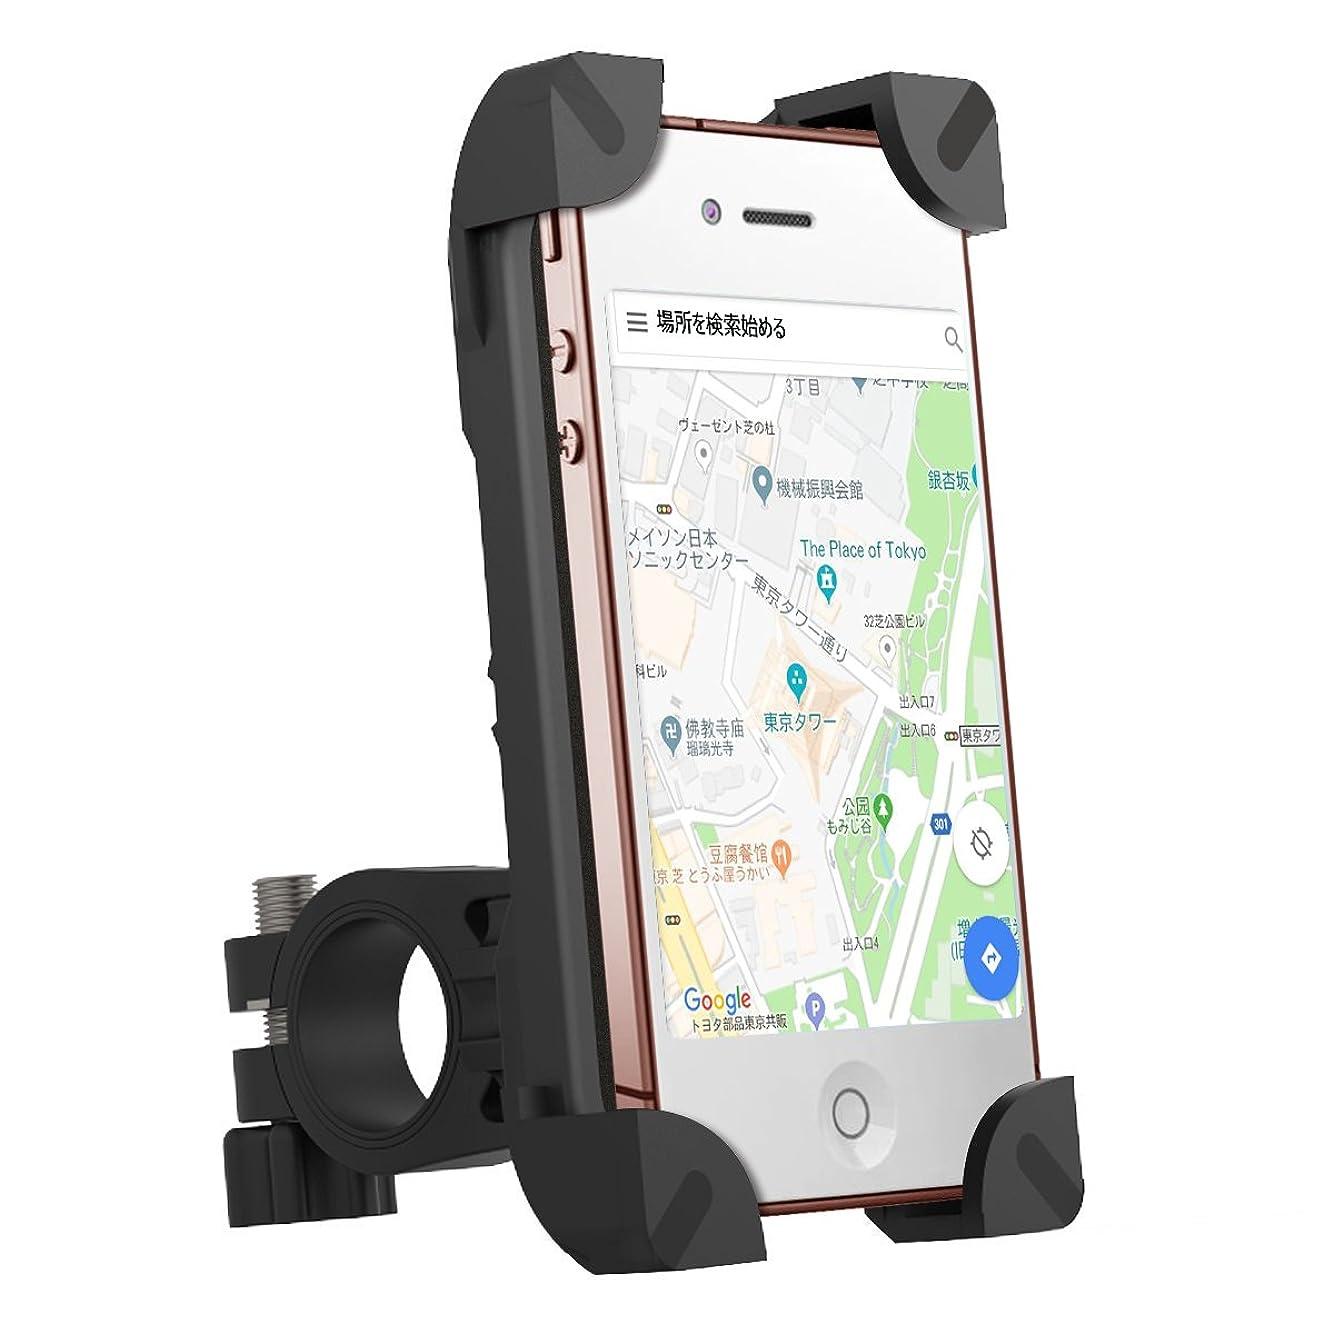 カプセル日の出海里COOWOO バイクホルダー 自転車スタンド GPSナビ?スマホ?iPhone固定用 バーマウントキット 360度回転 脱落防止(一年間の保証付き) スマホ/iPhoneに多機種対応(ブラック)